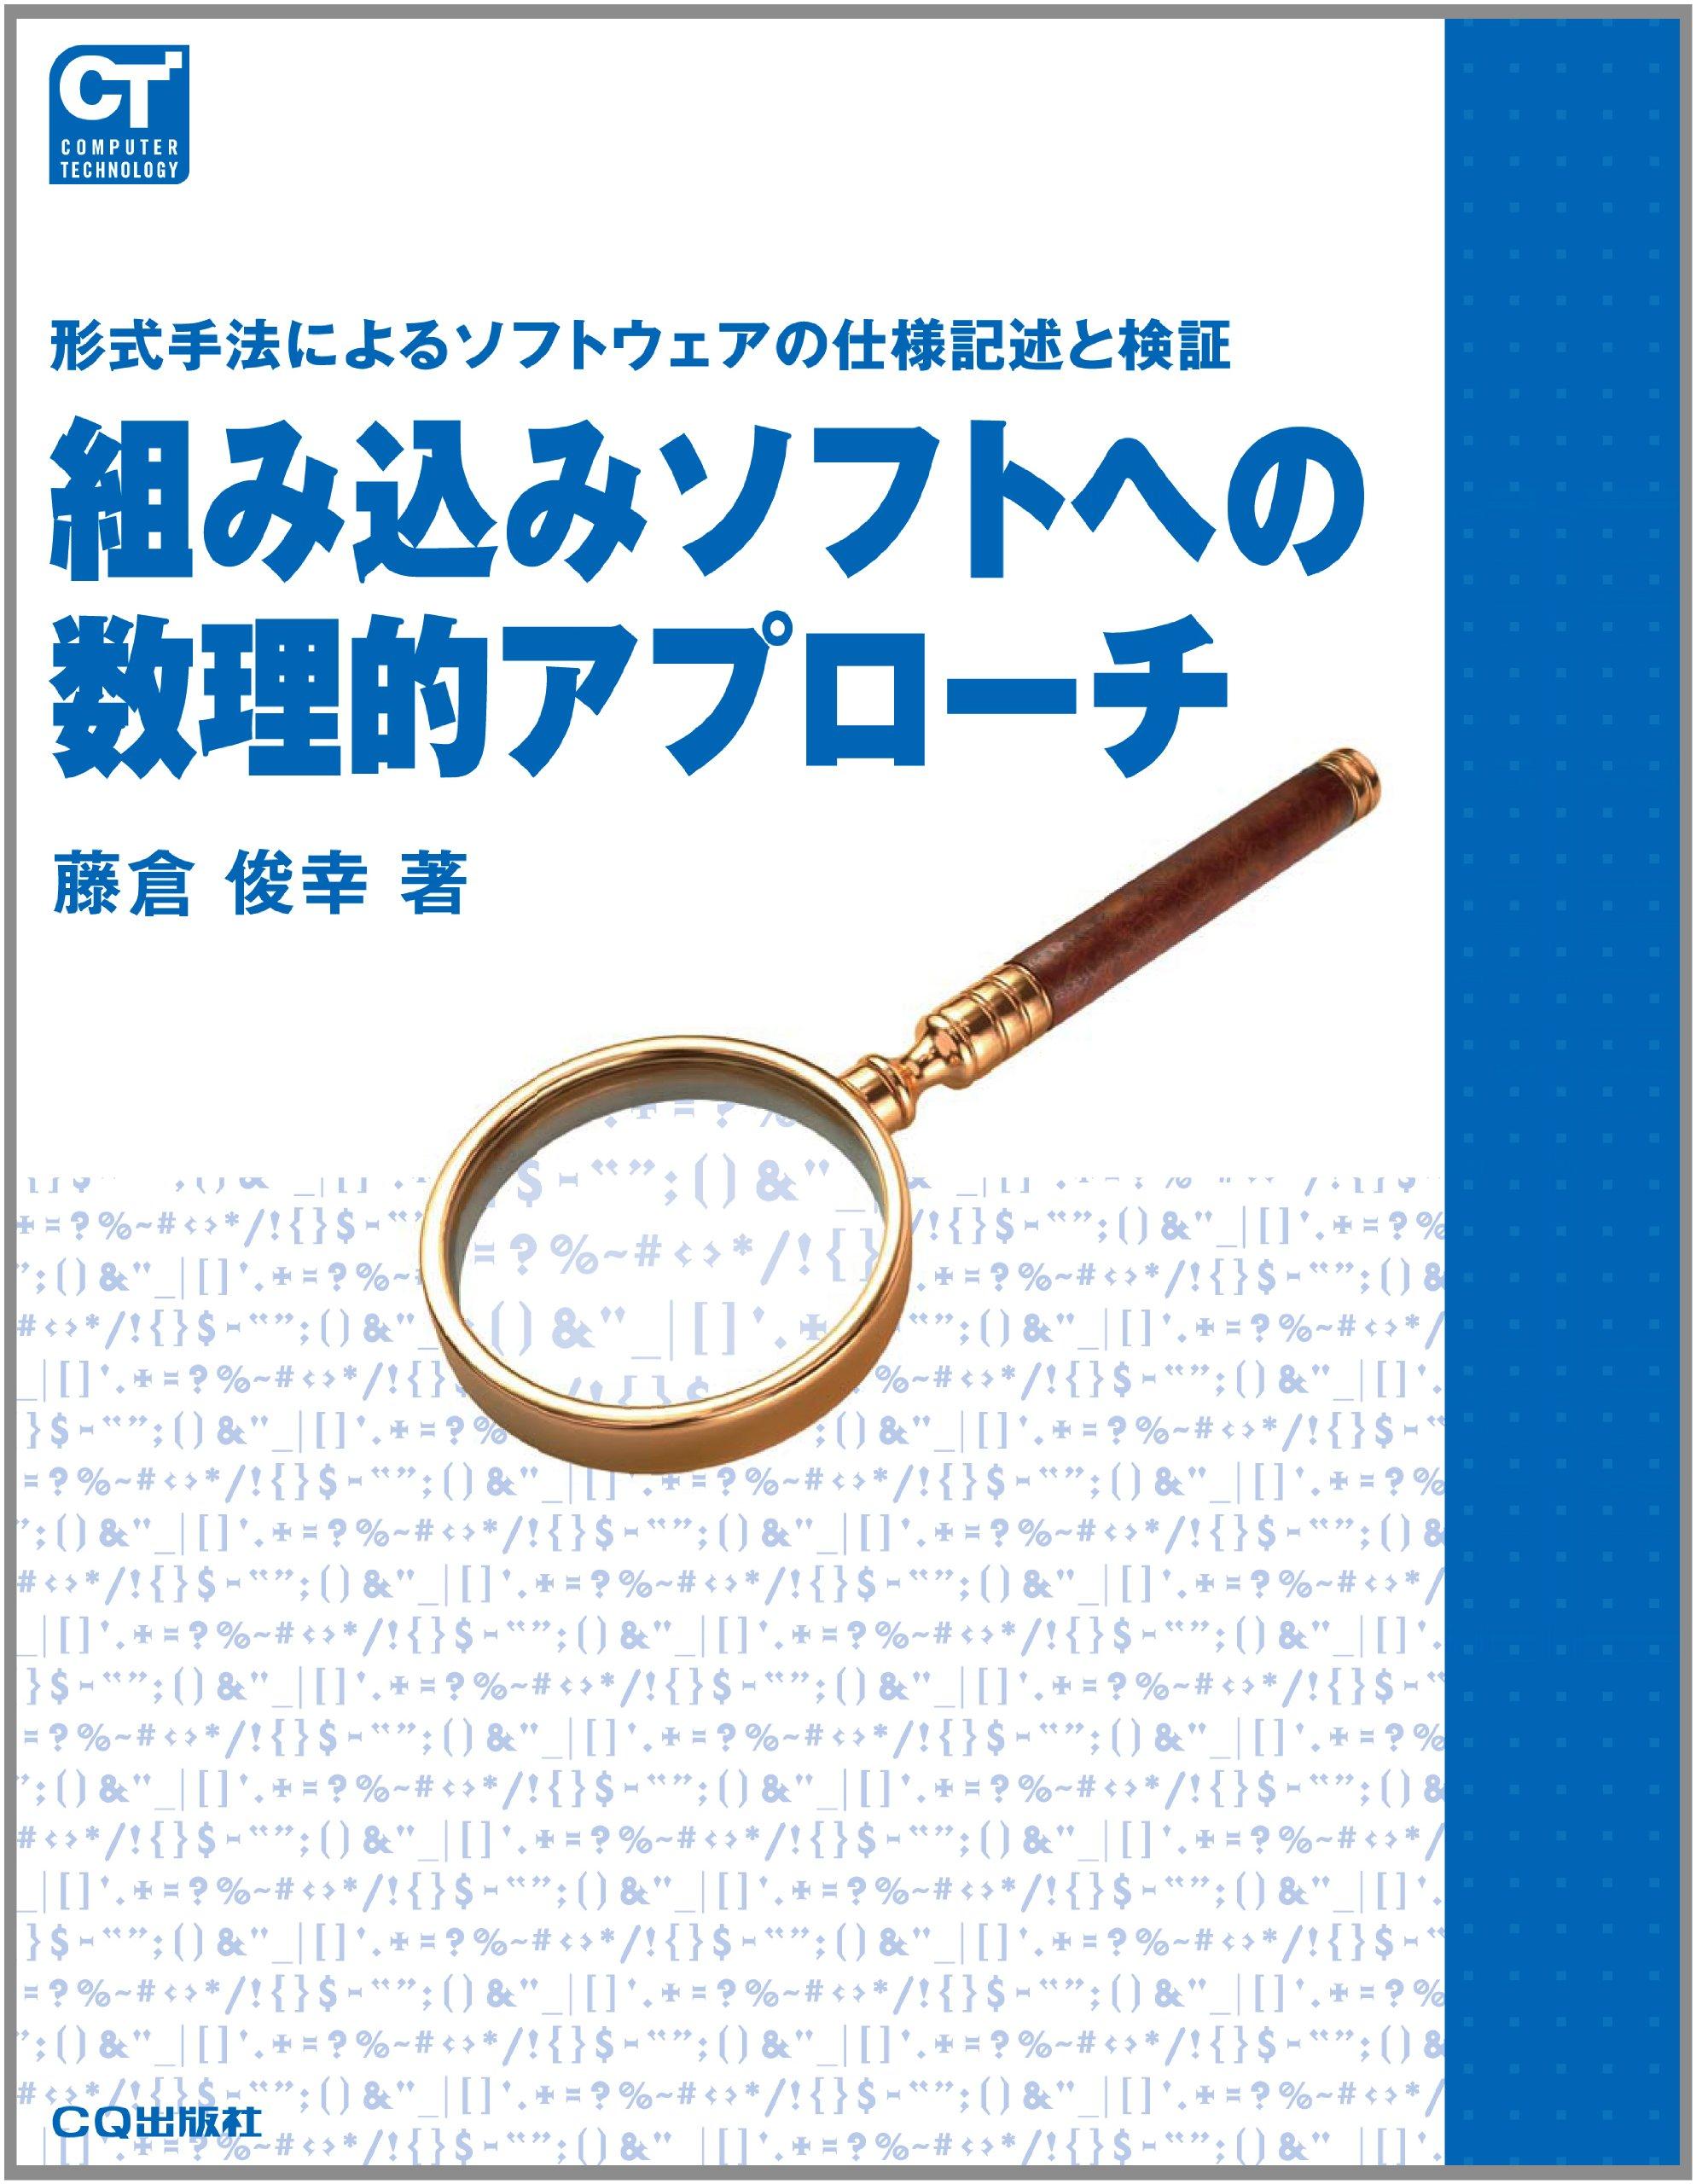 Read Online Kumikomi sofuto eno suriteki apurochi : Keishiki shuho ni yoru sofutoea no shiyo kijutsu to kensho. ebook